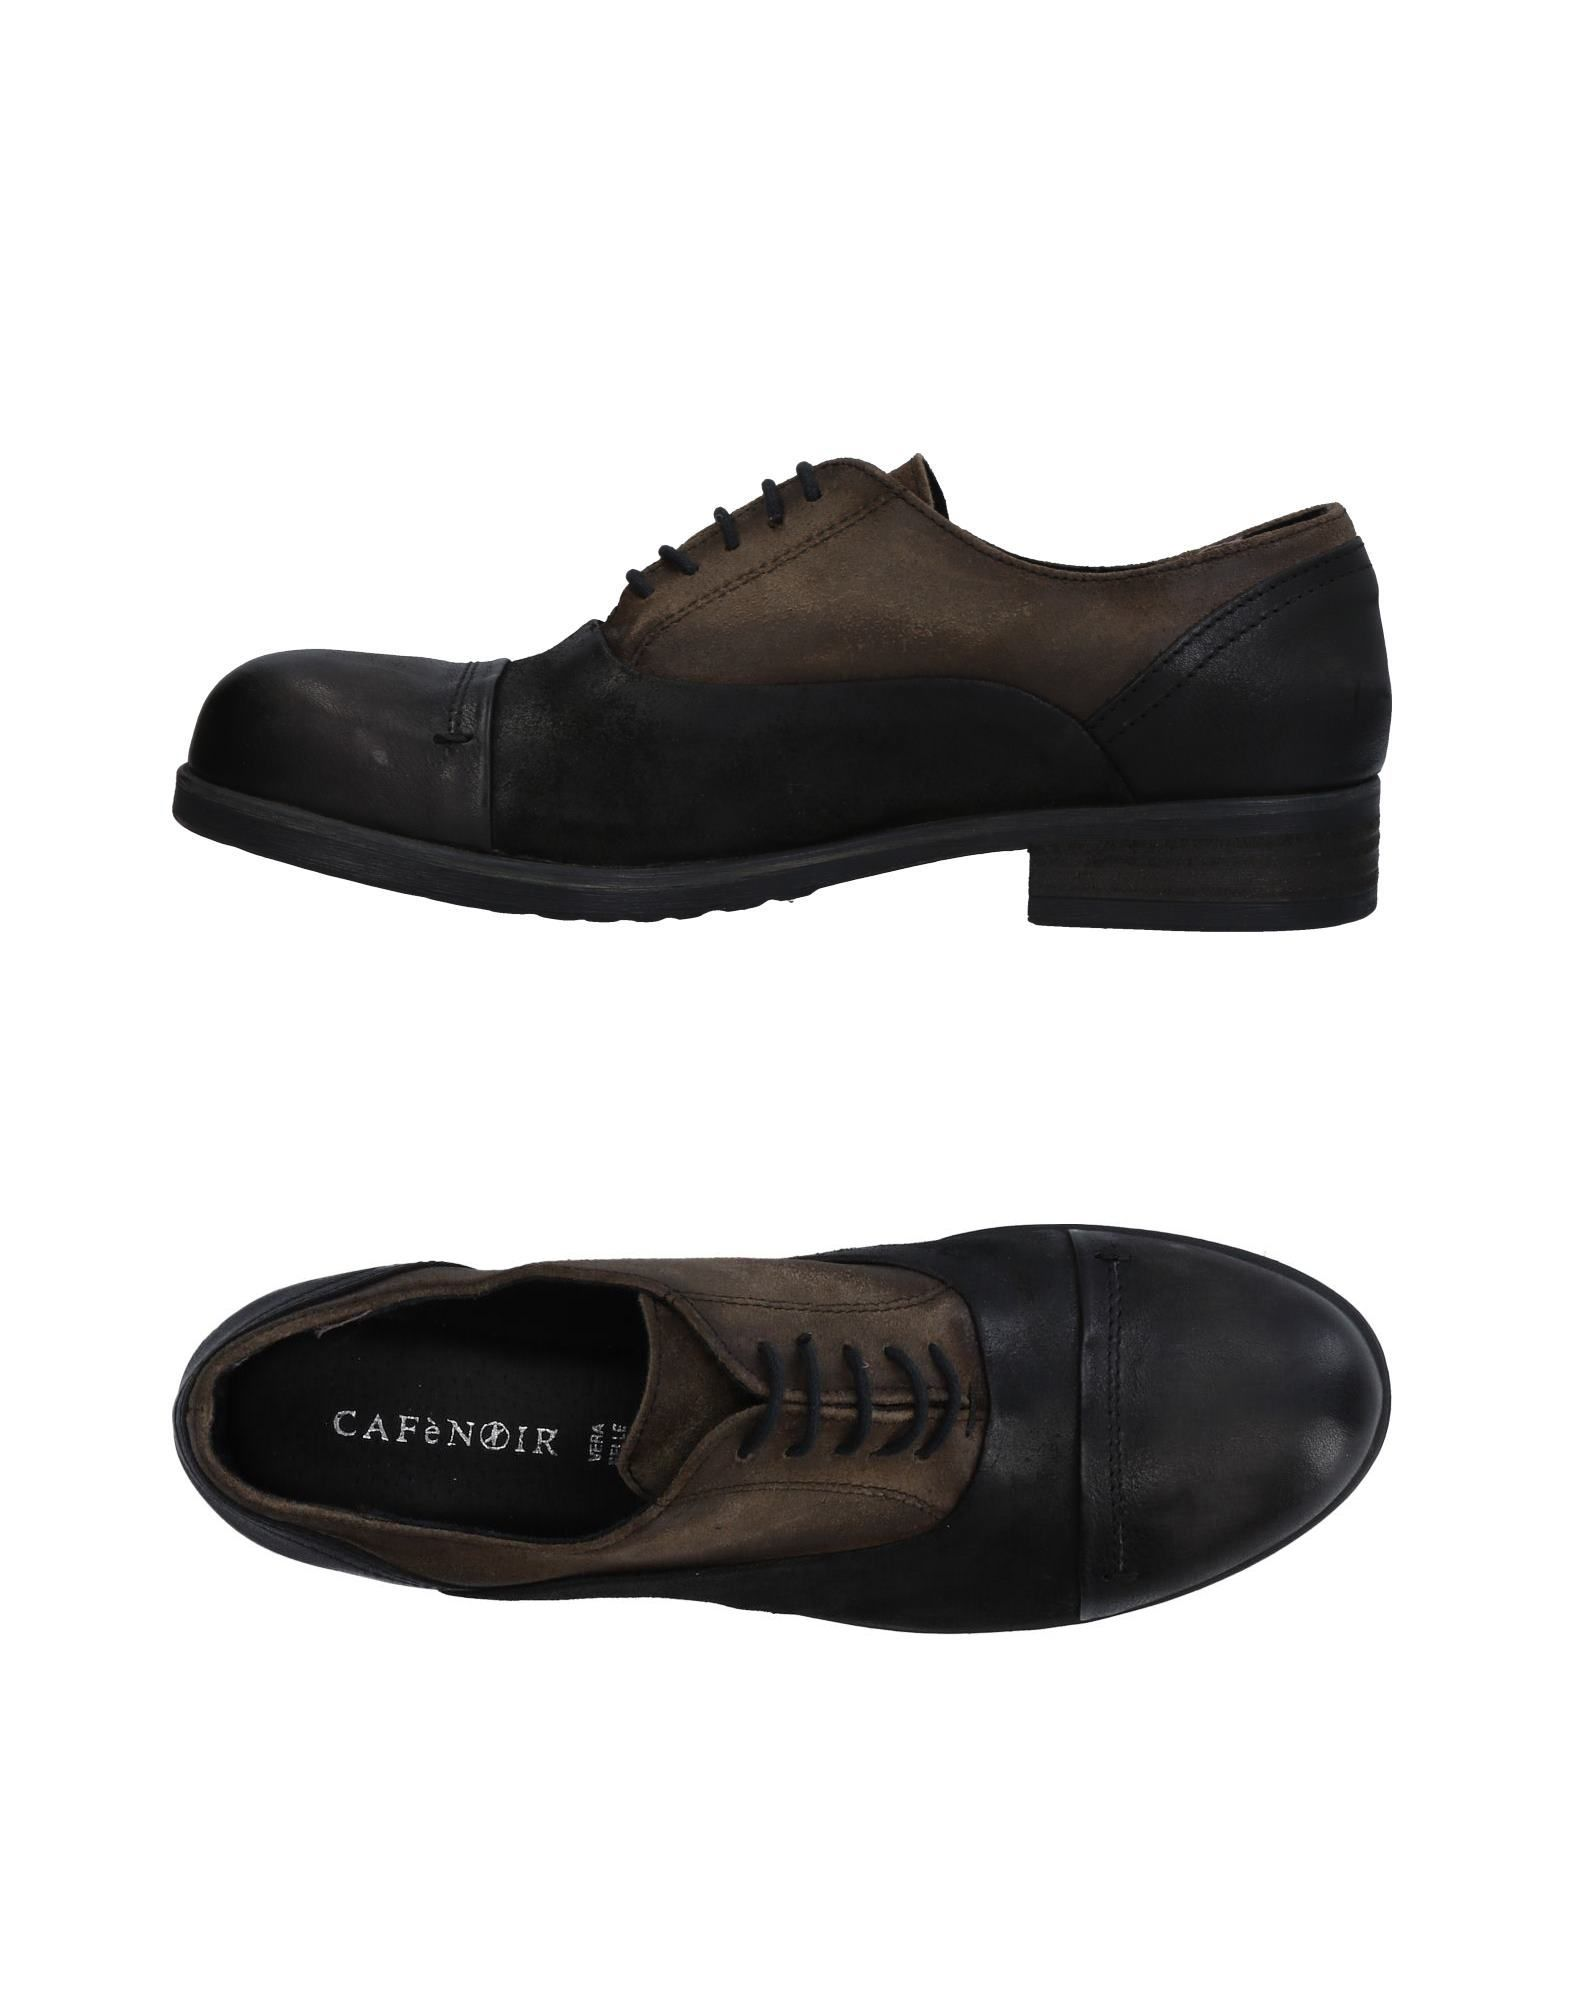 Günstige und modische Schuhe Cafènoir Schnürschuhe Damen  11459752HL